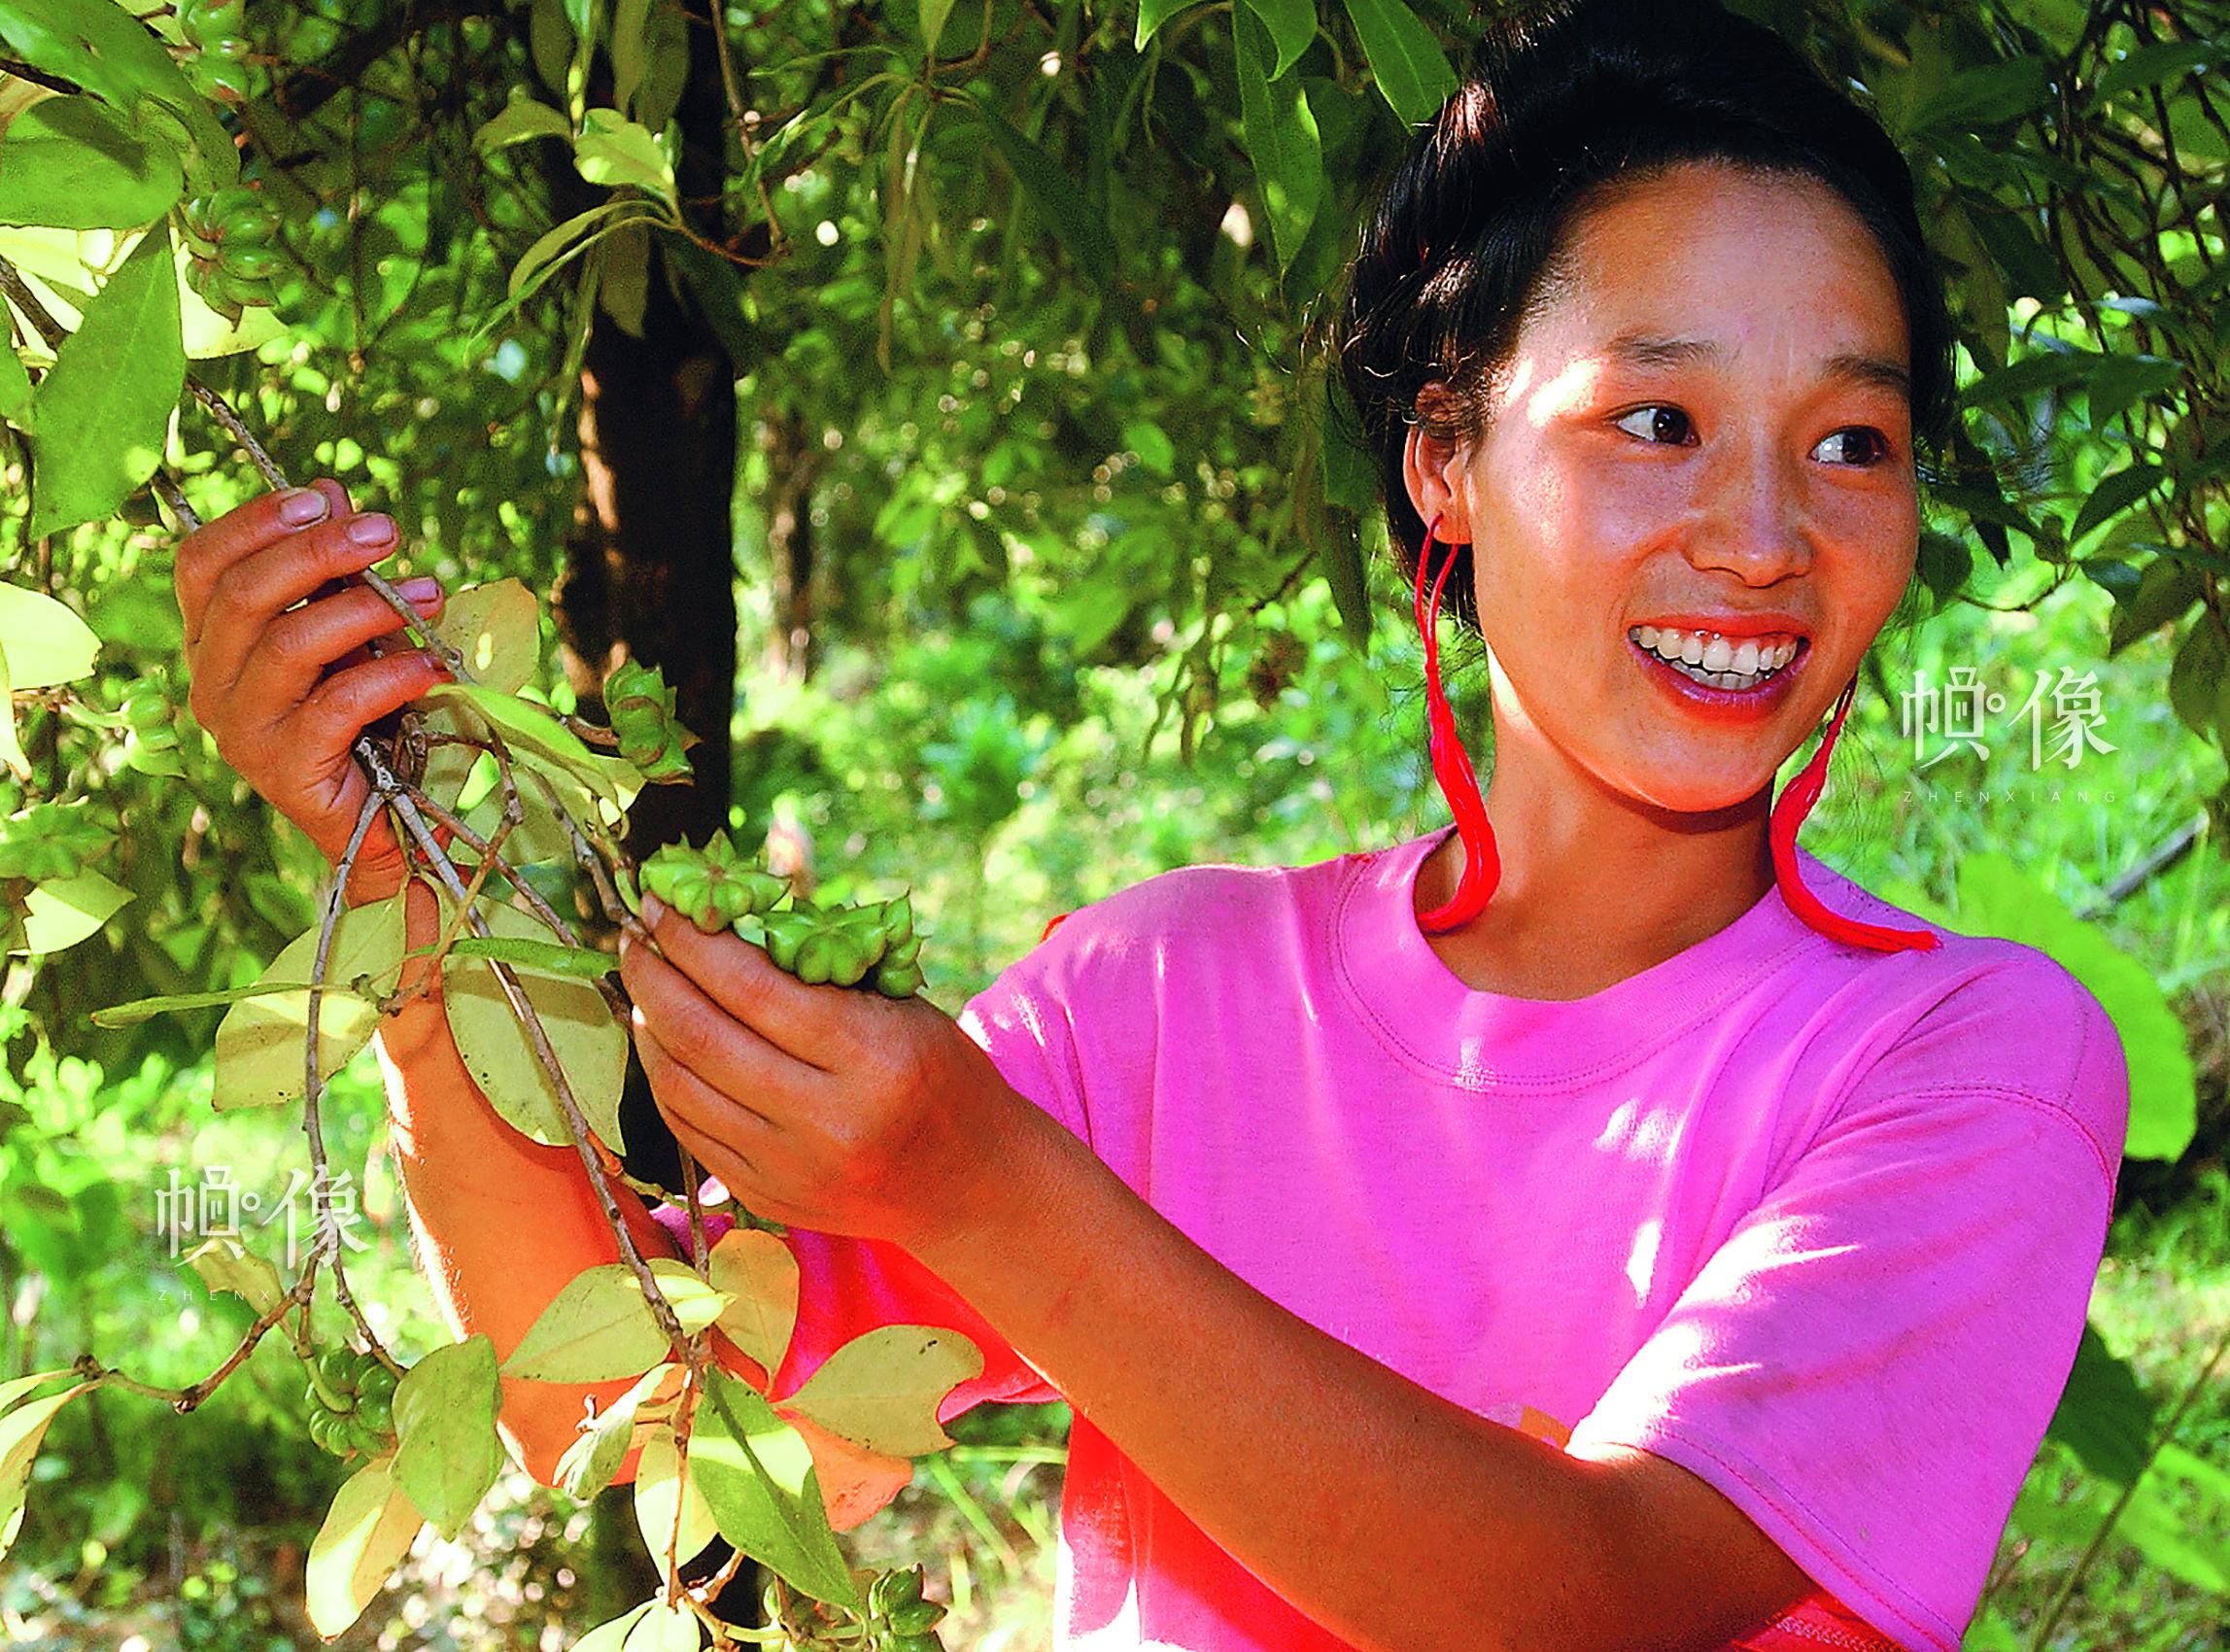 兰仙英,红瑶族,曾在广西融水县白云乡中心校第一届红瑶女童班就读,1996年9月初中毕业后一直在家务农,种植八角经济作物,她家成为村里最富裕的家庭。她还带动和帮助村里的人一起种植经济作物,是村里唯一的女党员。中国儿基会供图